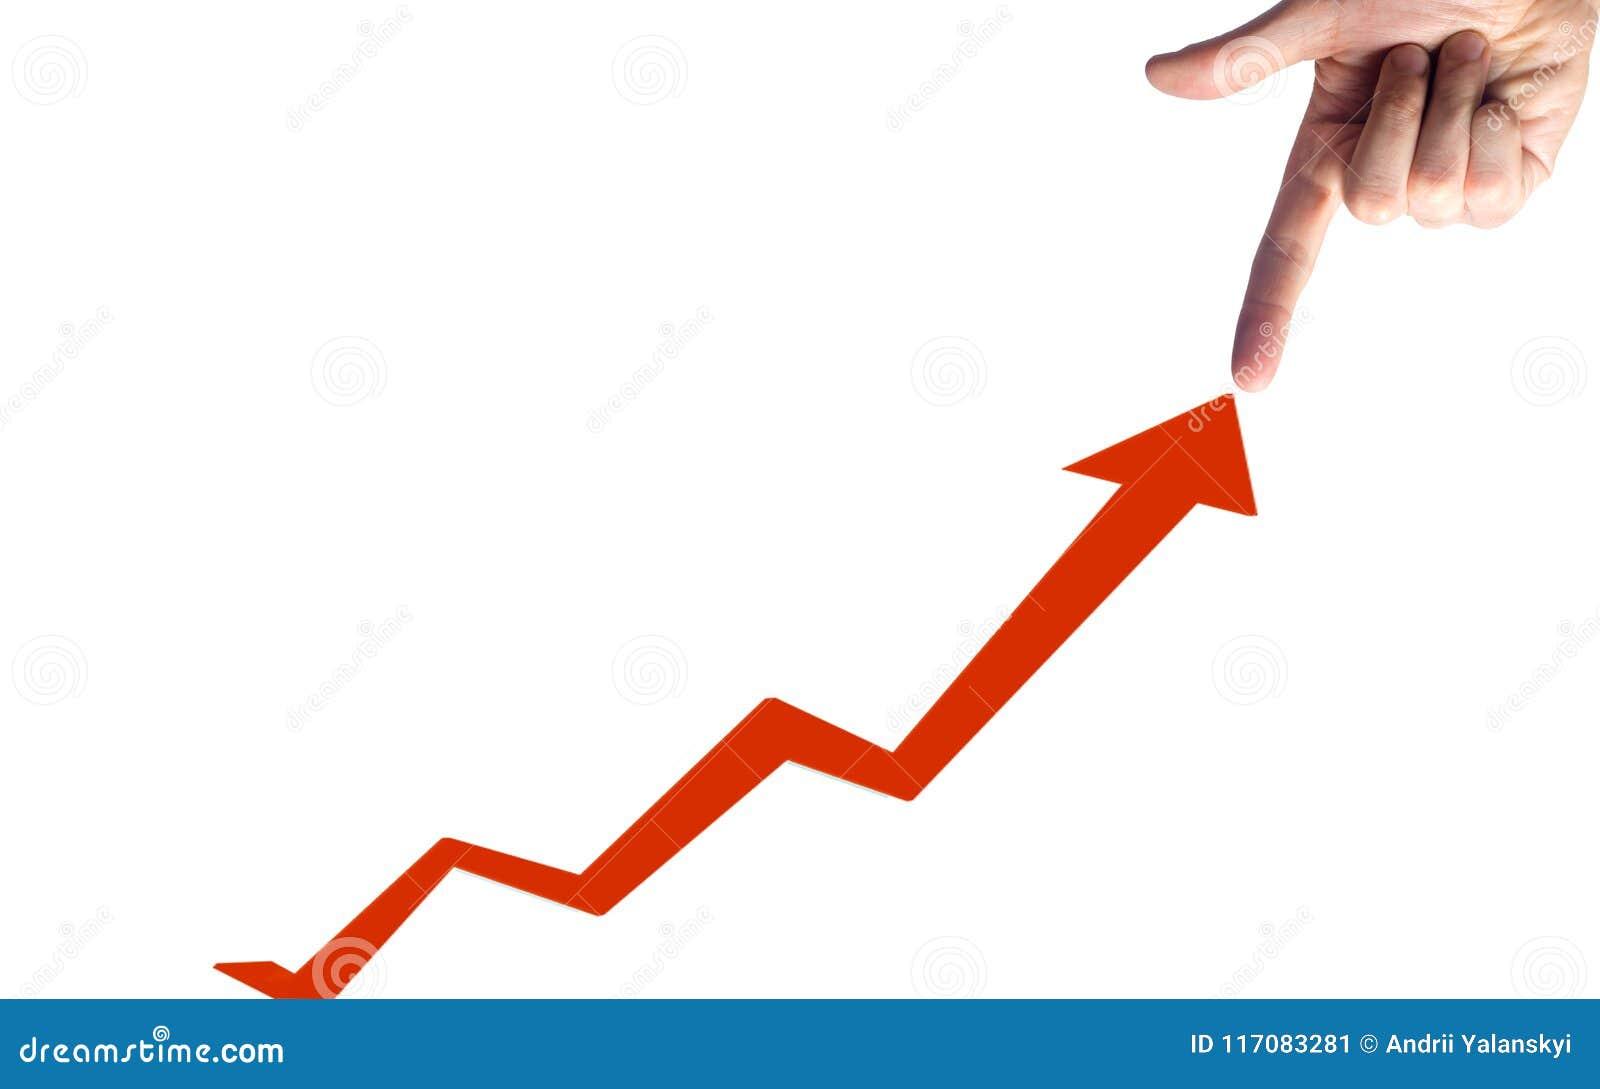 Ein Finger zeigt auf ein Diagramm eines Konzeptes der nachhaltigen Entwicklung, des Konzeptes mit einem Diagramm, das Wachstum, g